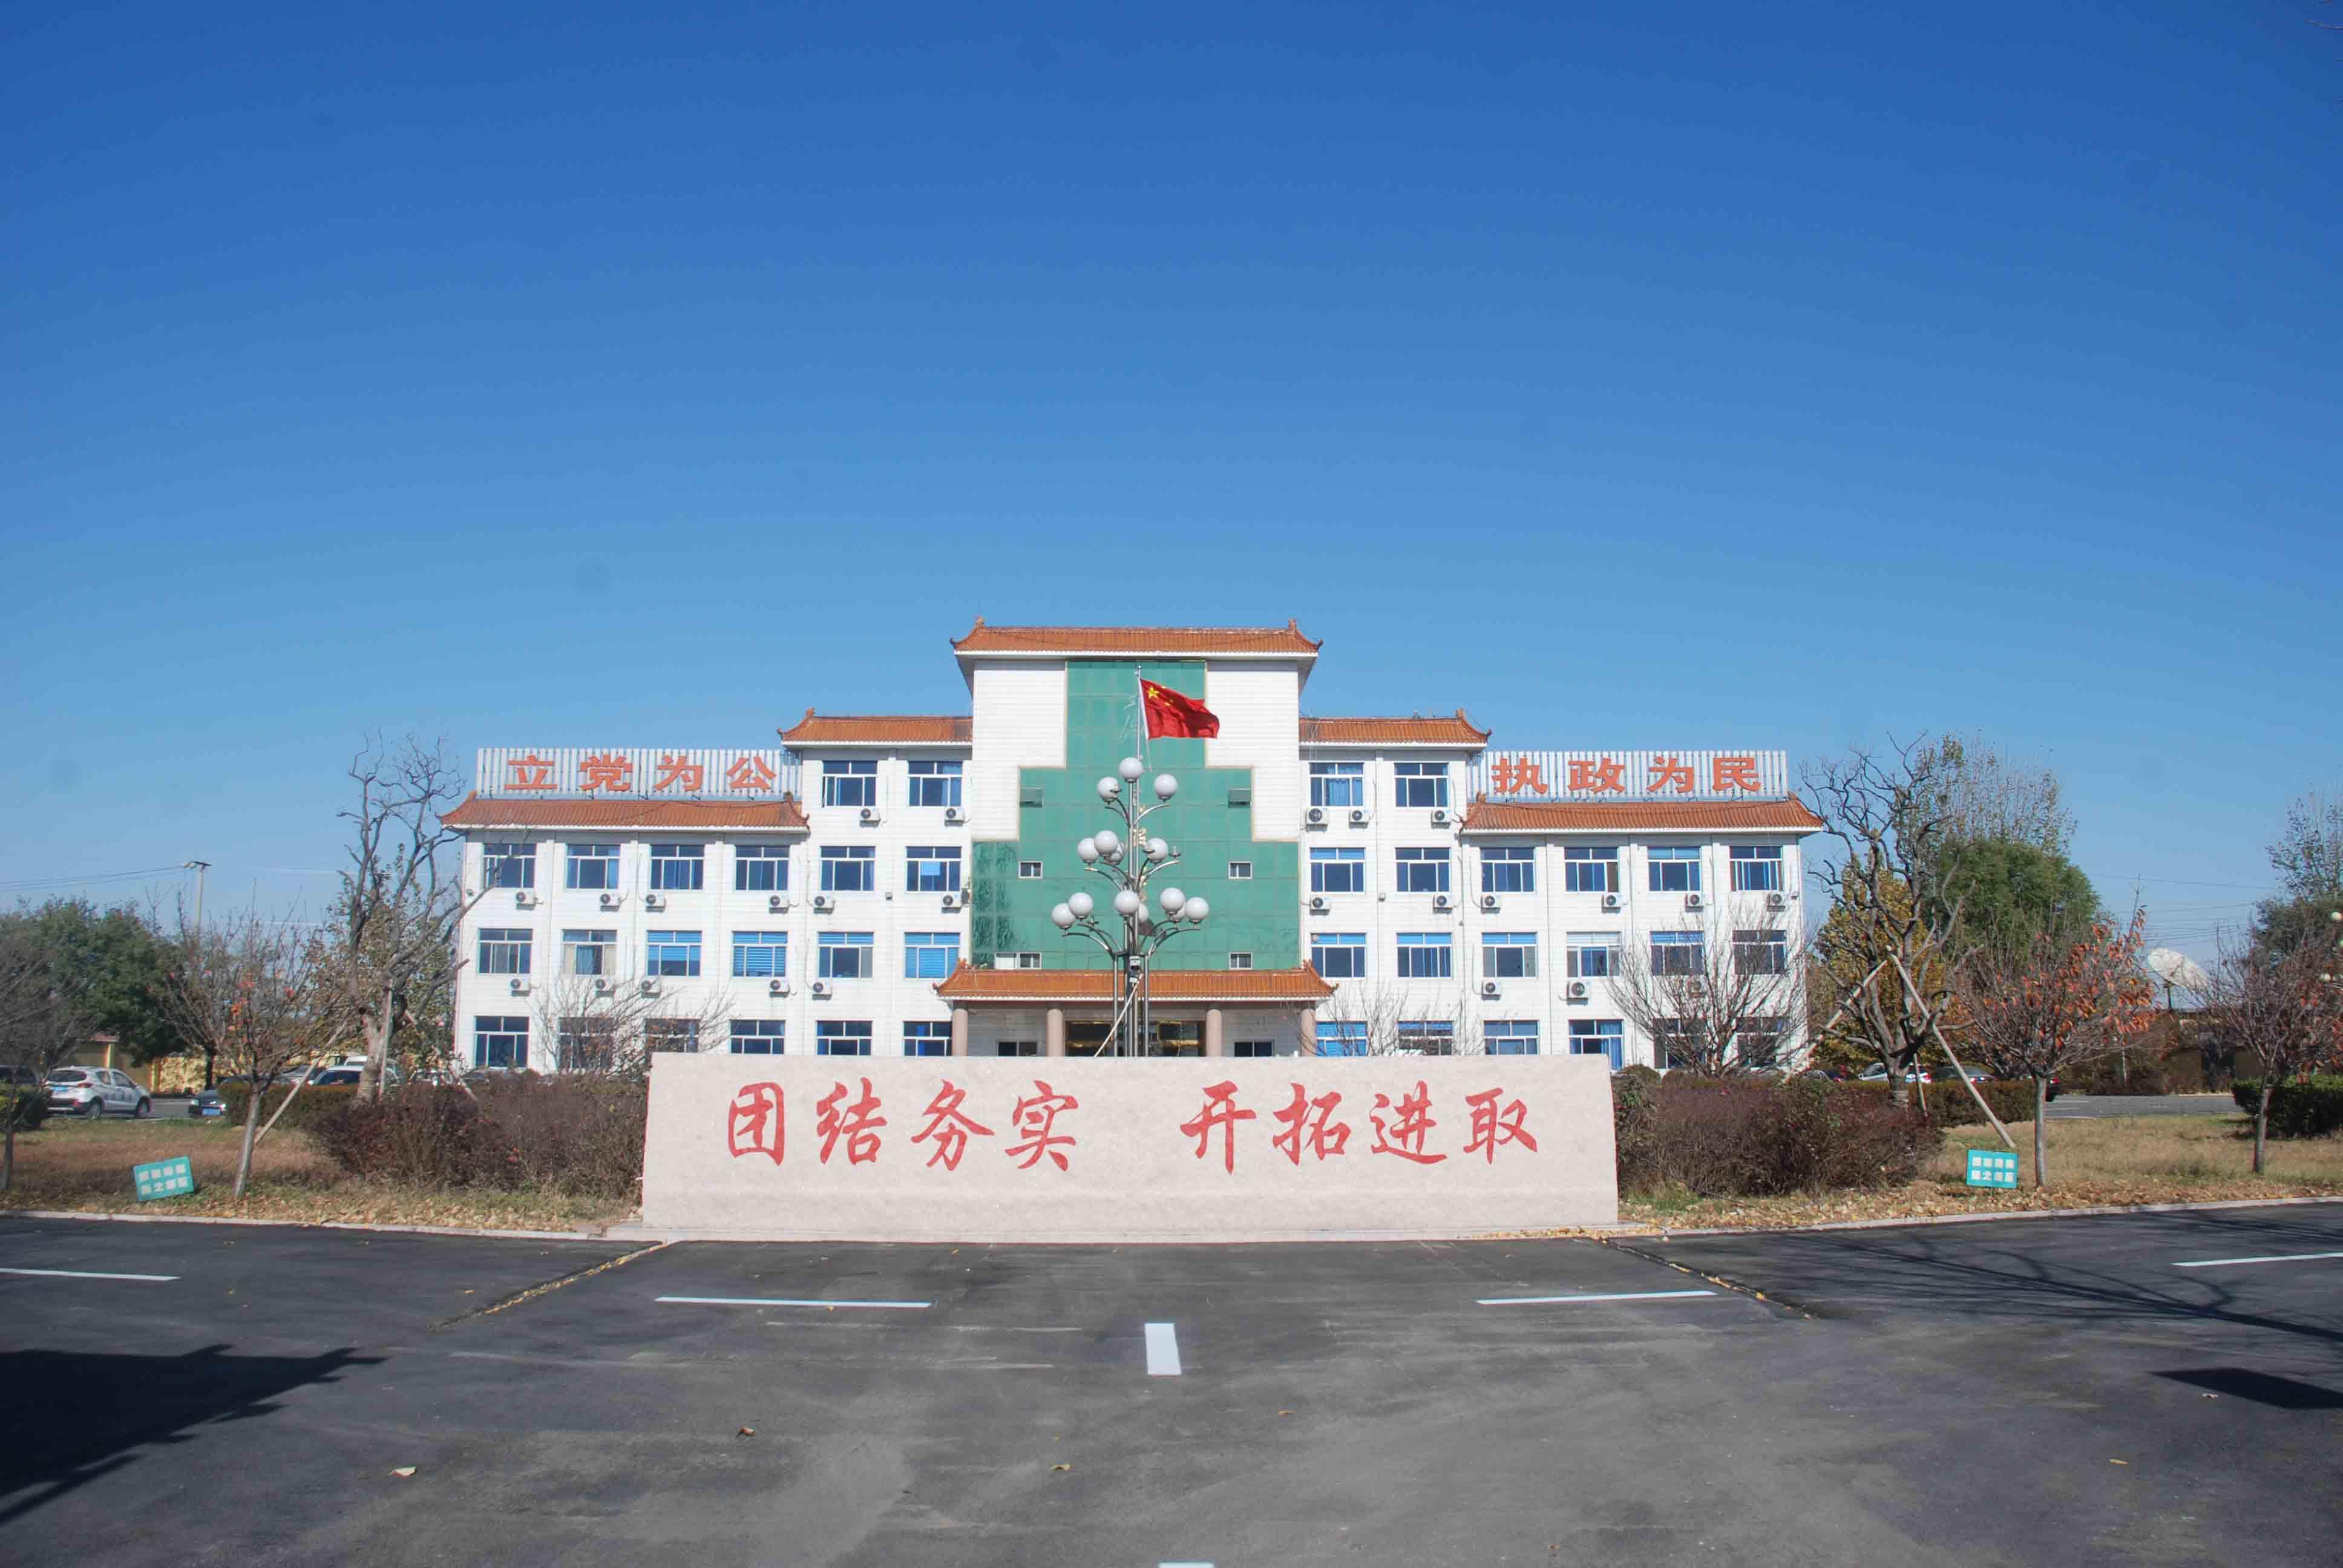 青州何官镇镇长-青州何官镇地图,青州何官镇党支部,何